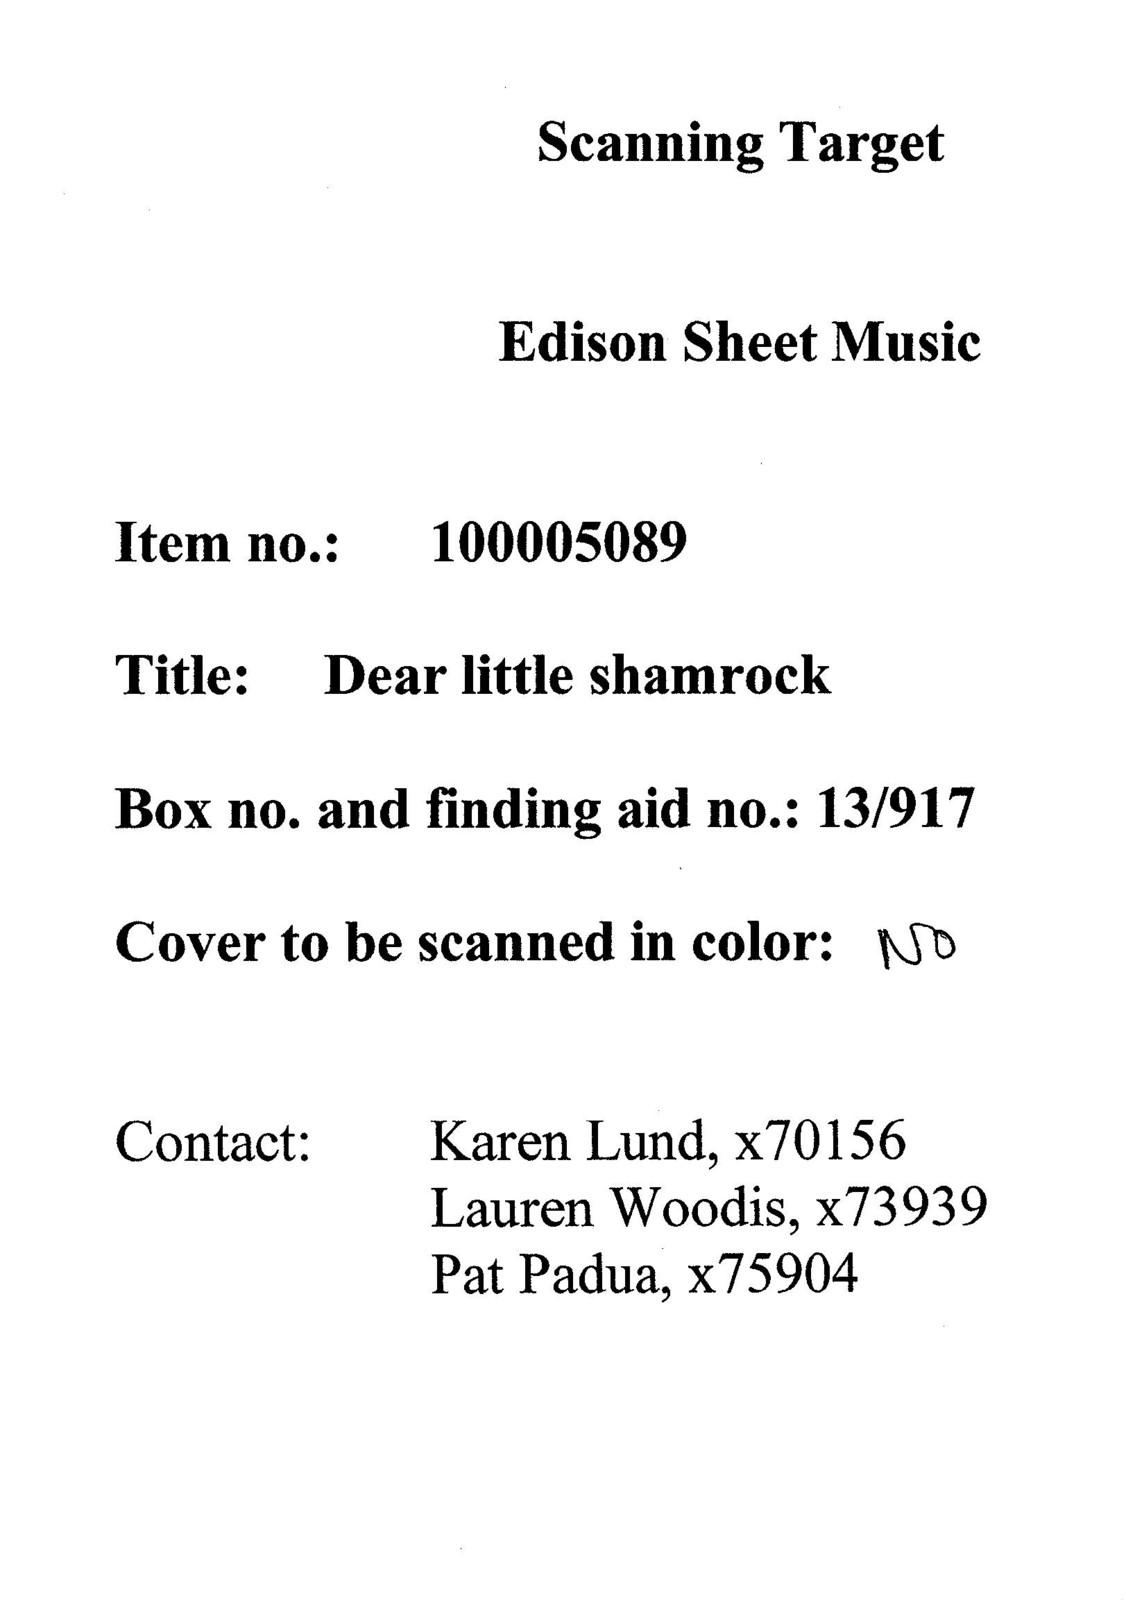 Dear little shamrock